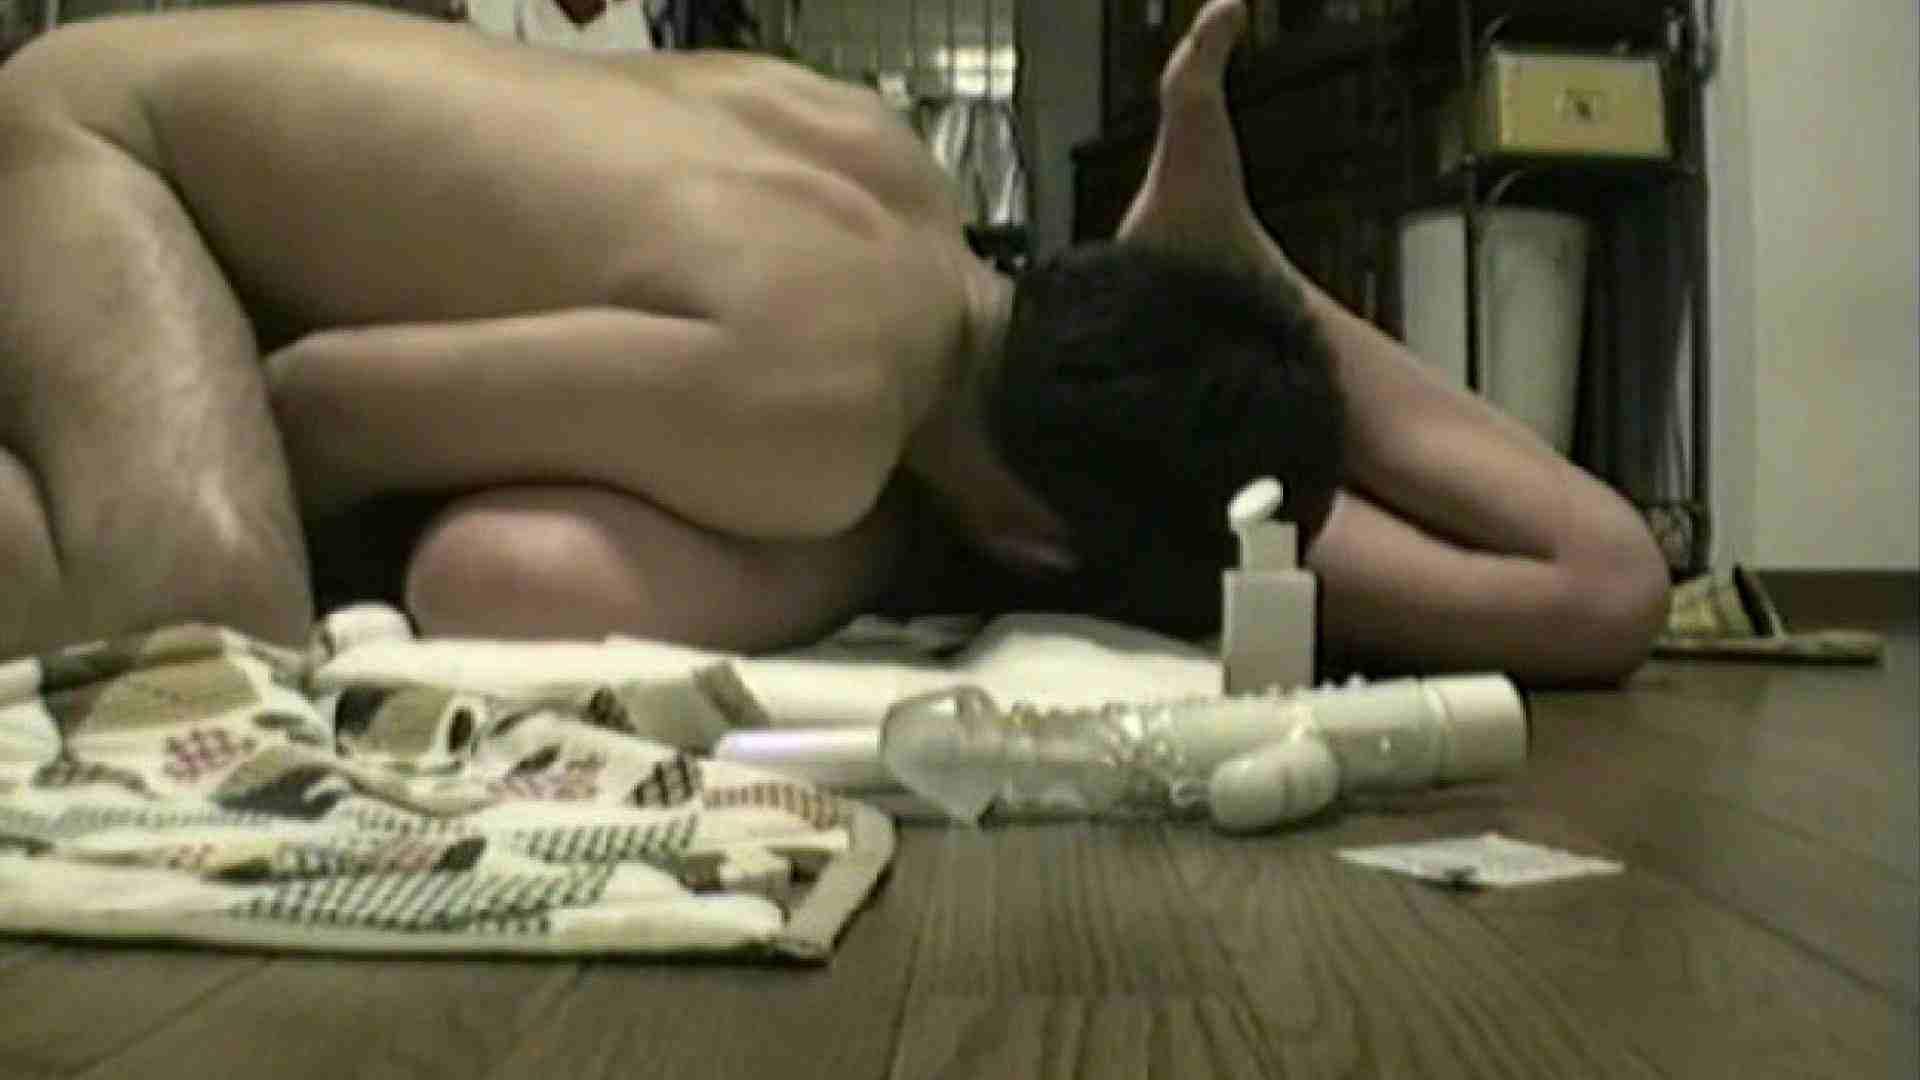 最愛の妻 TAKAKO 愛のSEX Vol.03 ギャル達のSEX   OL裸体  74画像 18